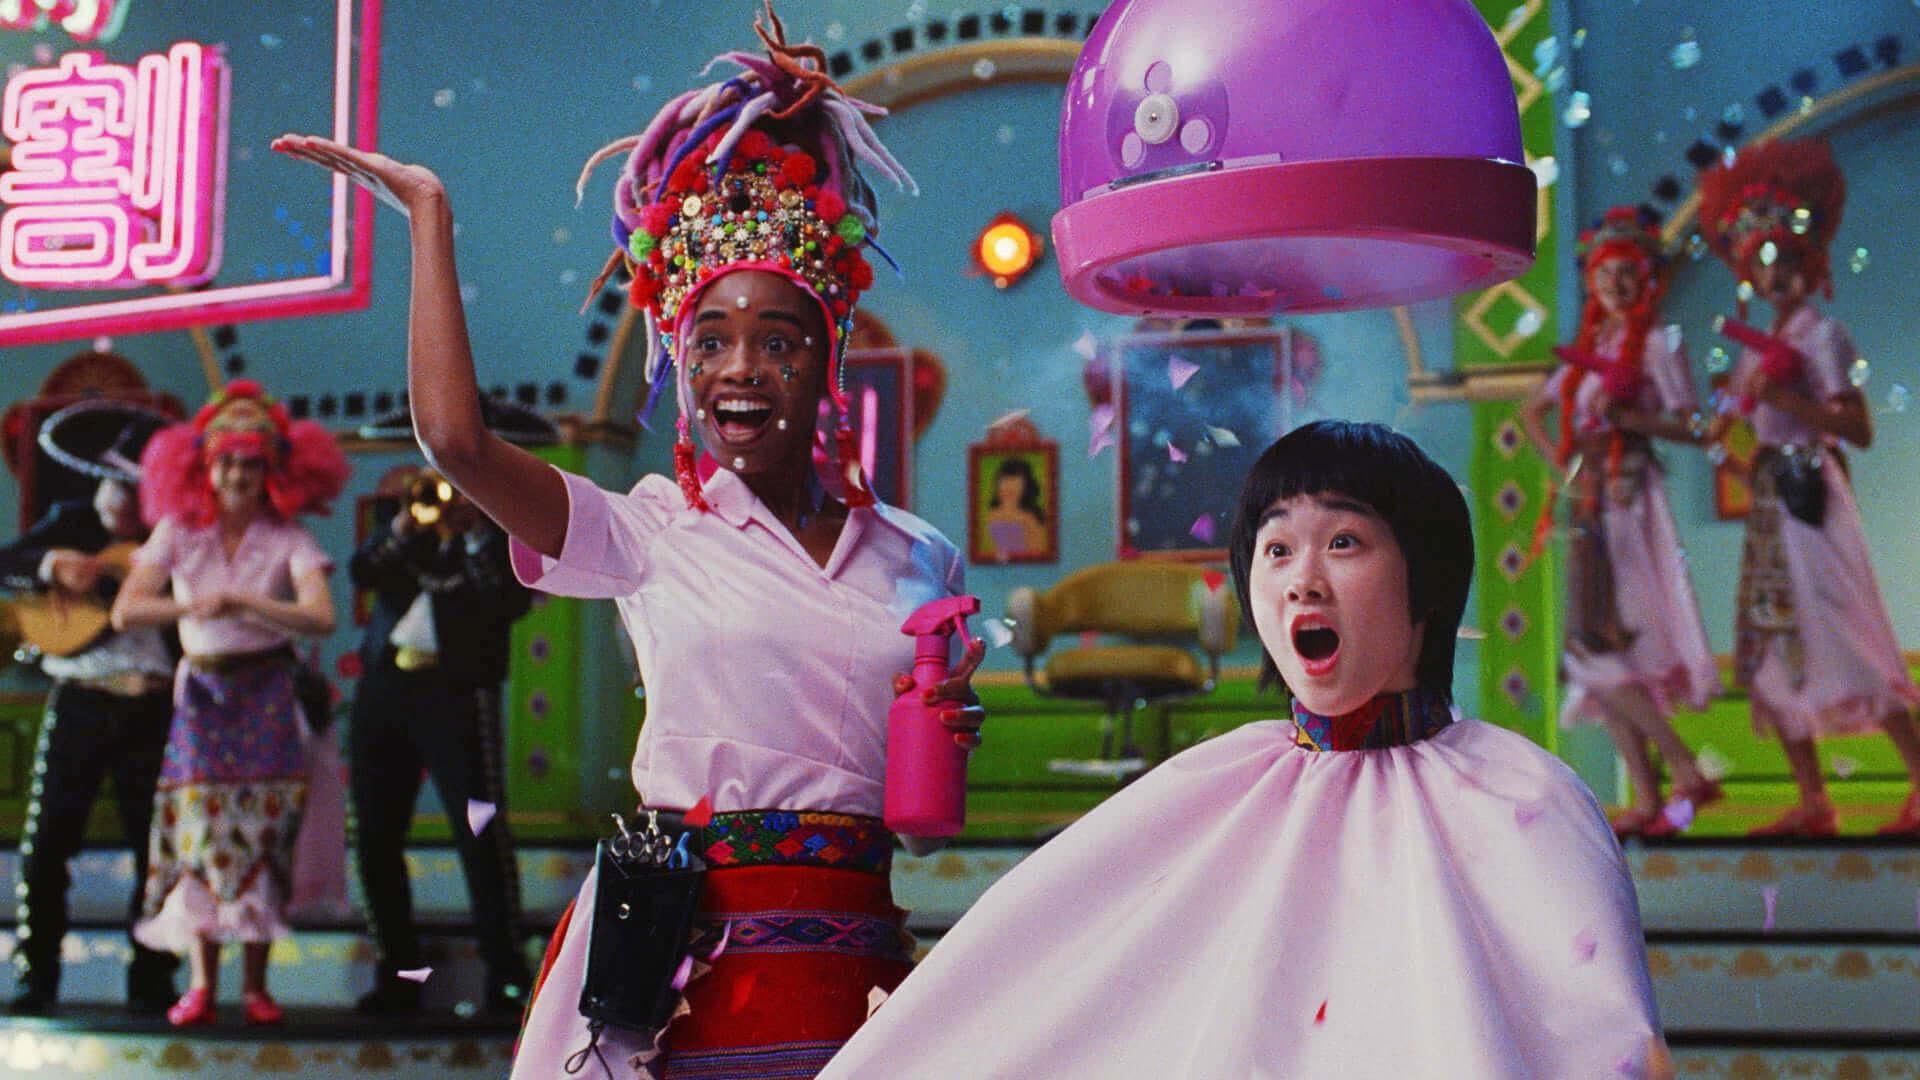 今田美桜がミュージカル風CMで不得意なダンスを披露!?メイキング&インタビュー映像も公開 life190726_imadamio_cm_6-1920x1080